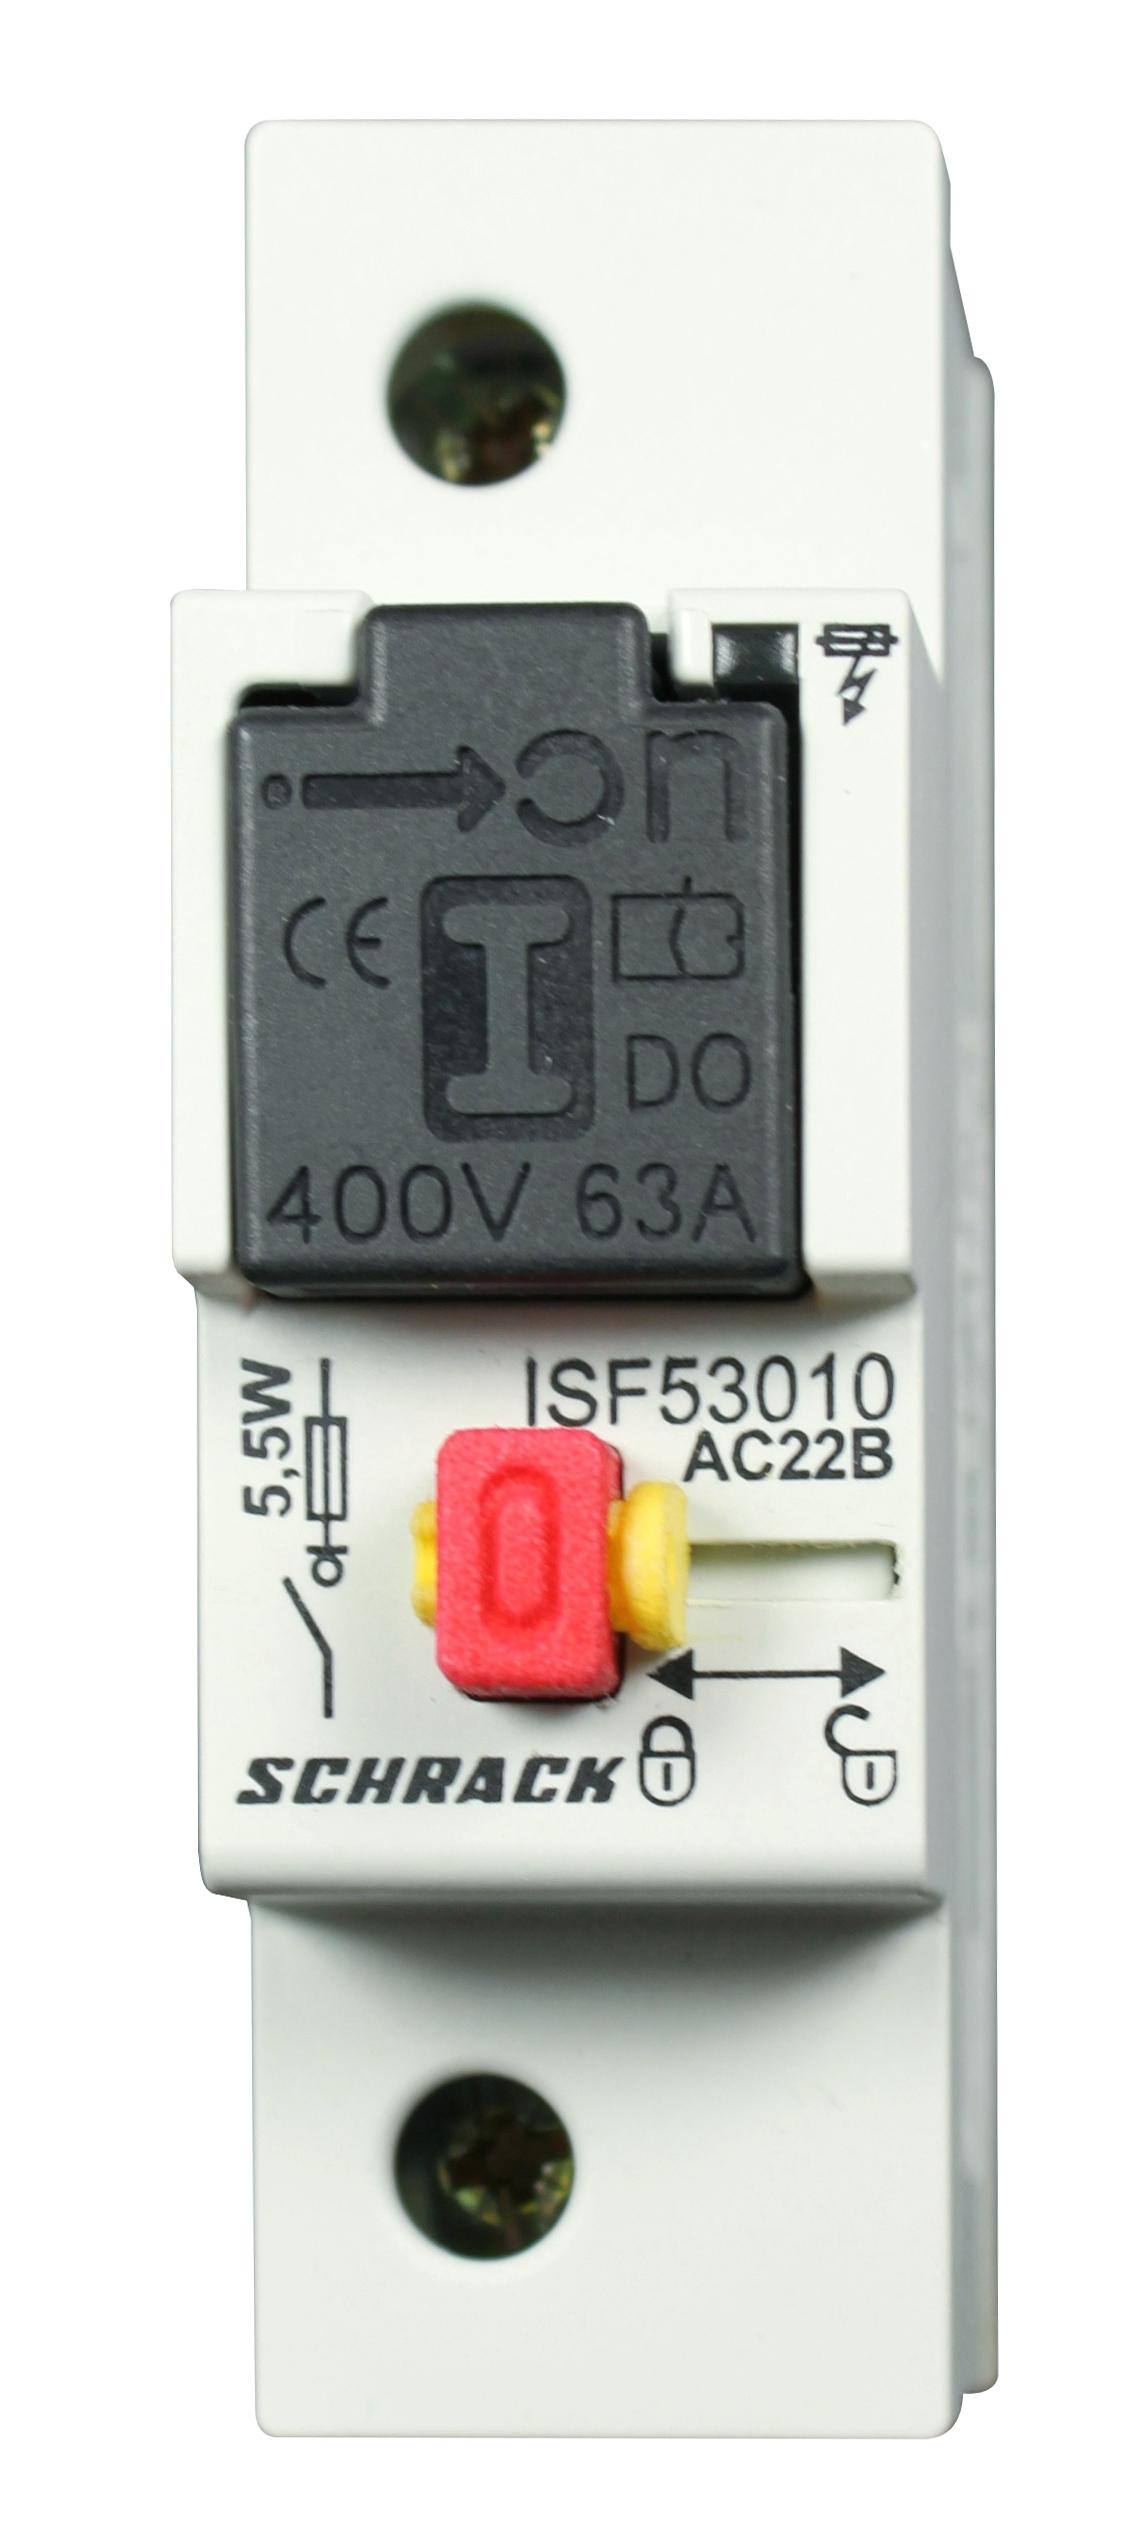 1 Stk Sicherungslastschalter D02, 1-polig, 10A fixiert, komplett ISF53010--